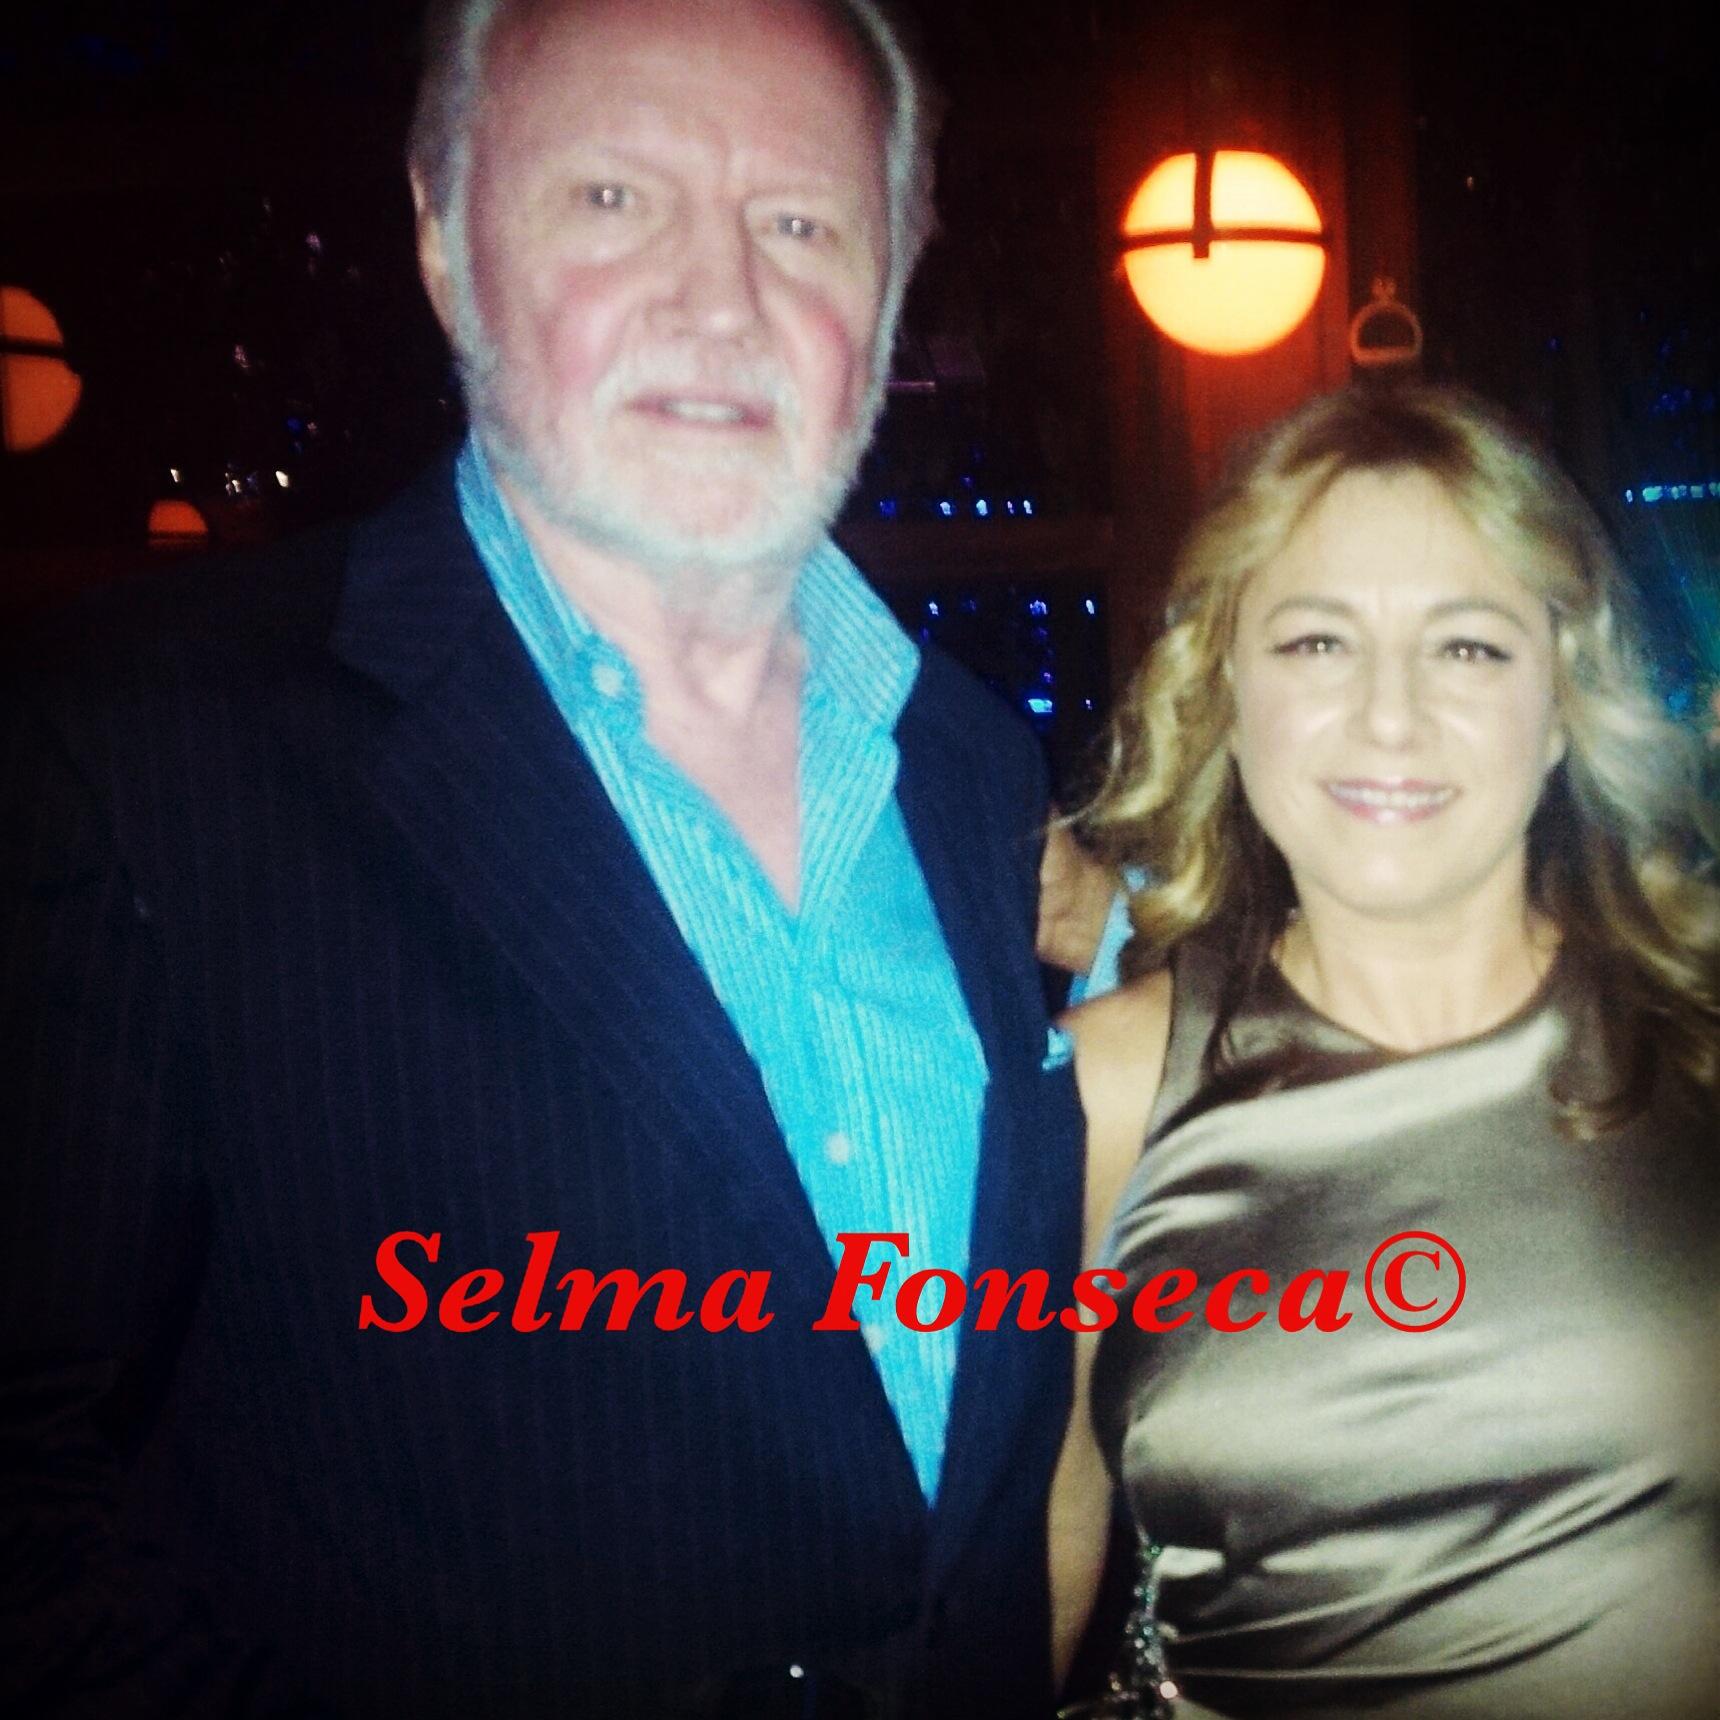 Jon Voight Selma Fonseca.JPG